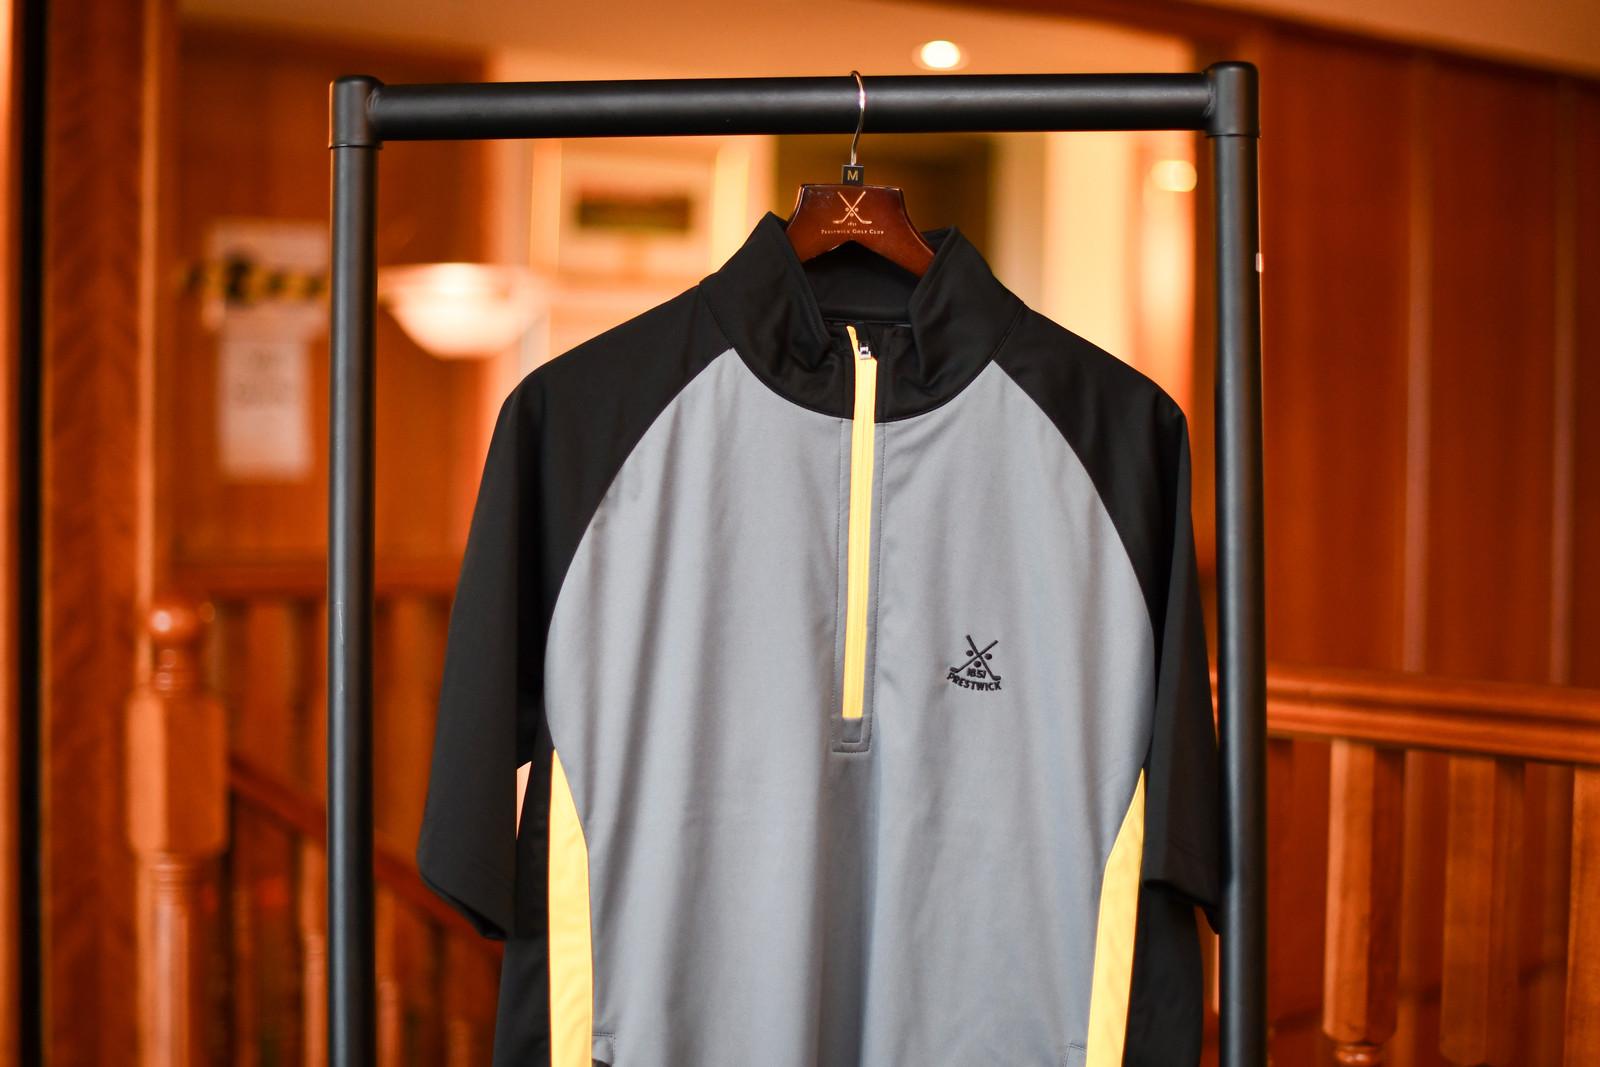 Sunderland Himalayas Jacket 1/2 sleeve (Black/Grey/Yellow)